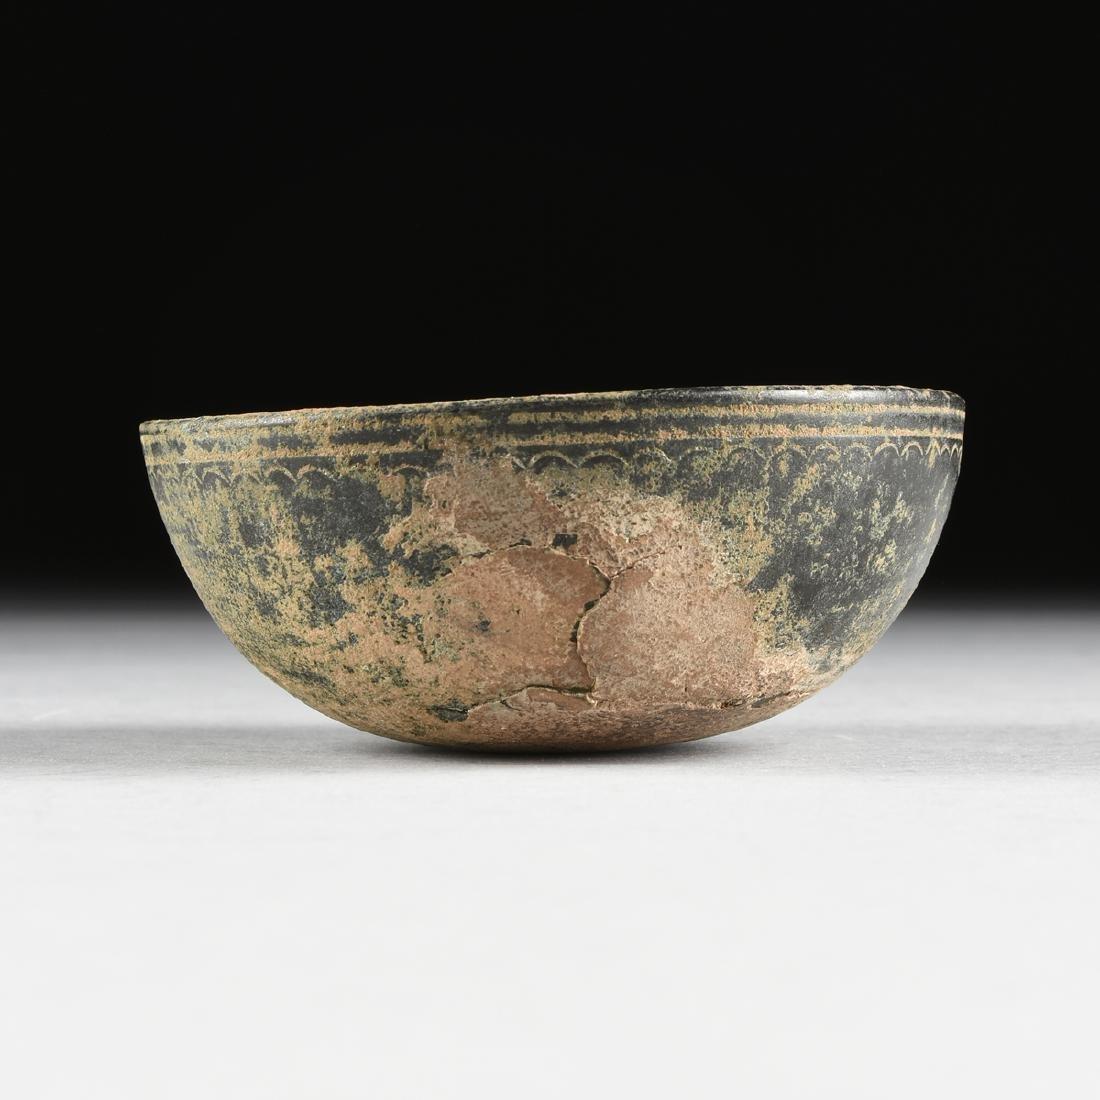 AN ANCIENT ROMAN BRONZE BOWL, FIRST CENTURY A.D., - 5